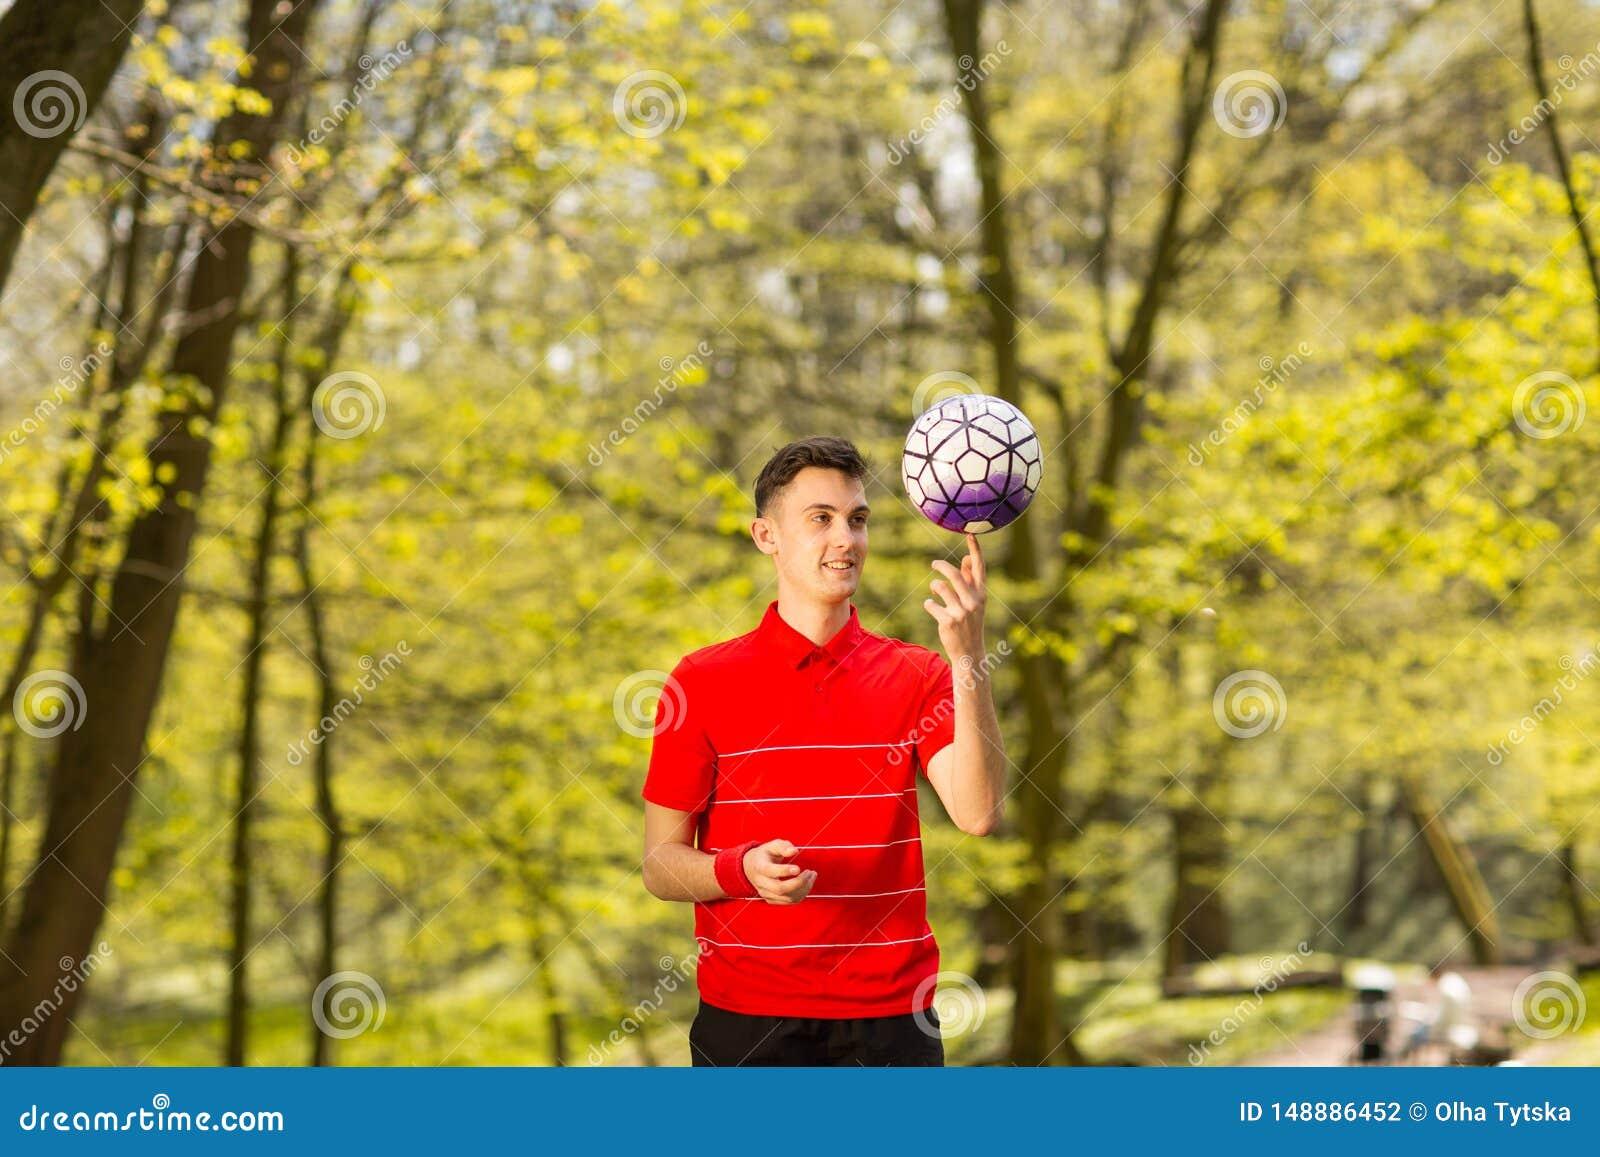 Ένας νεαρός άνδρας παιχνίδια στα κόκκινα μπλουζών με μια σφαίρα ποδοσφαίρου στο πράσινο πάρκο r